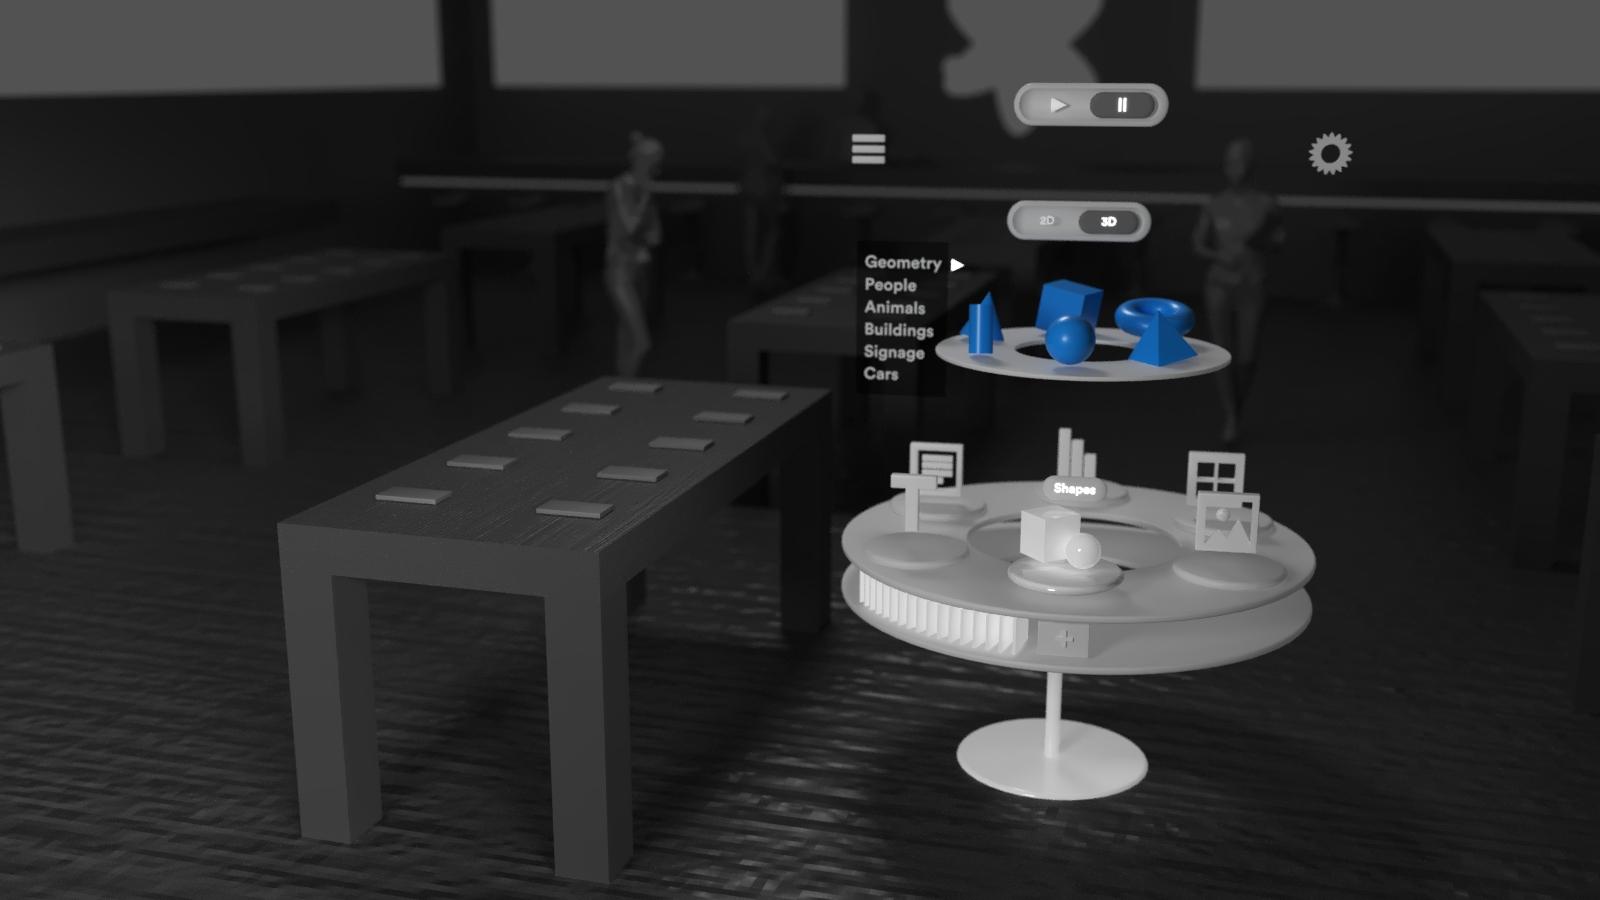 3D_UI